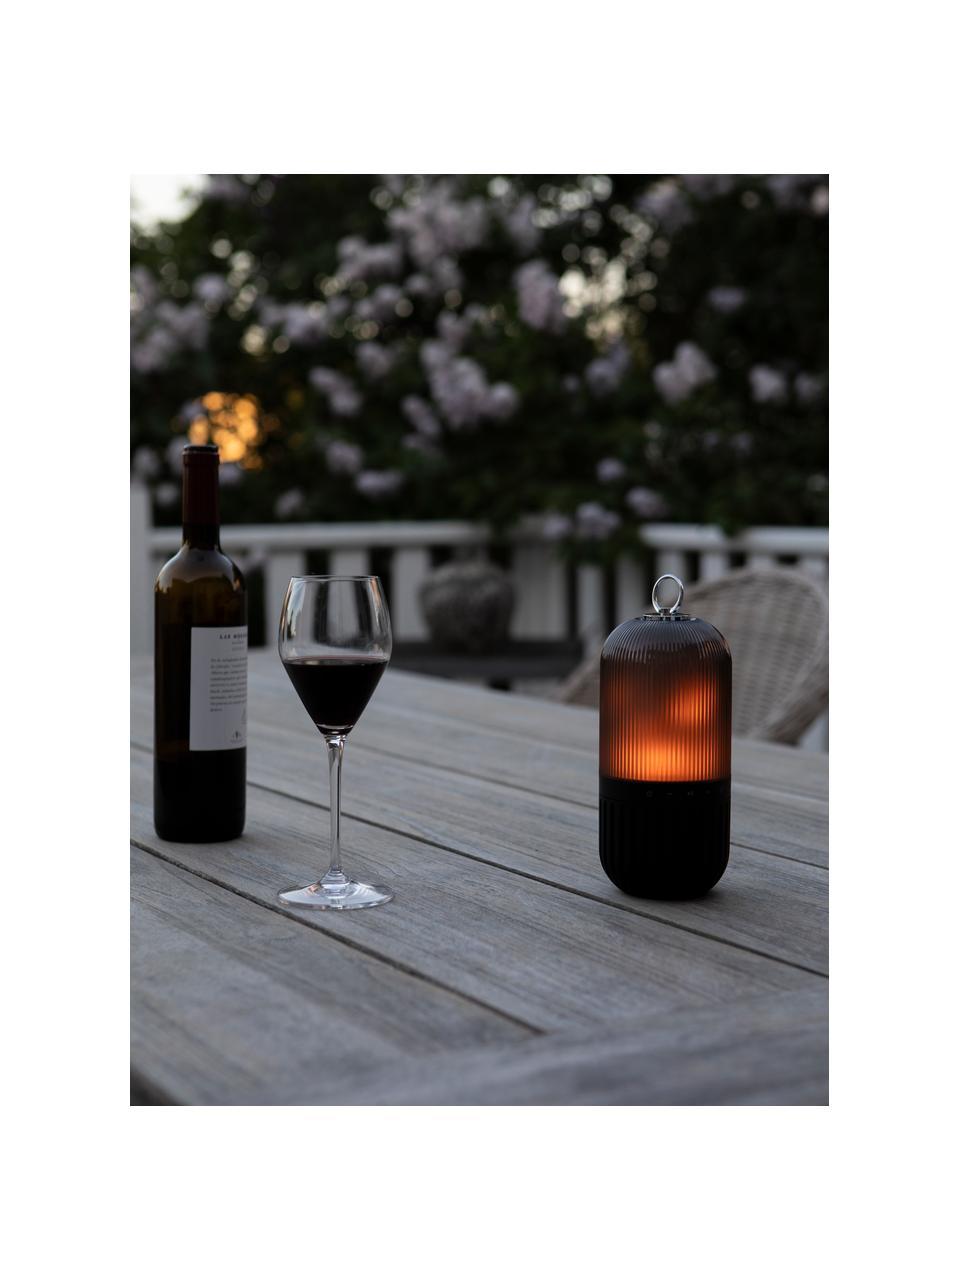 Outdoor lamp New Flame, voor op de vloer, tafel of hangend, Lampvoet: aluminium, Lampenkap: kunststof, Zwart, transparant, Ø 10 x H 88 cm